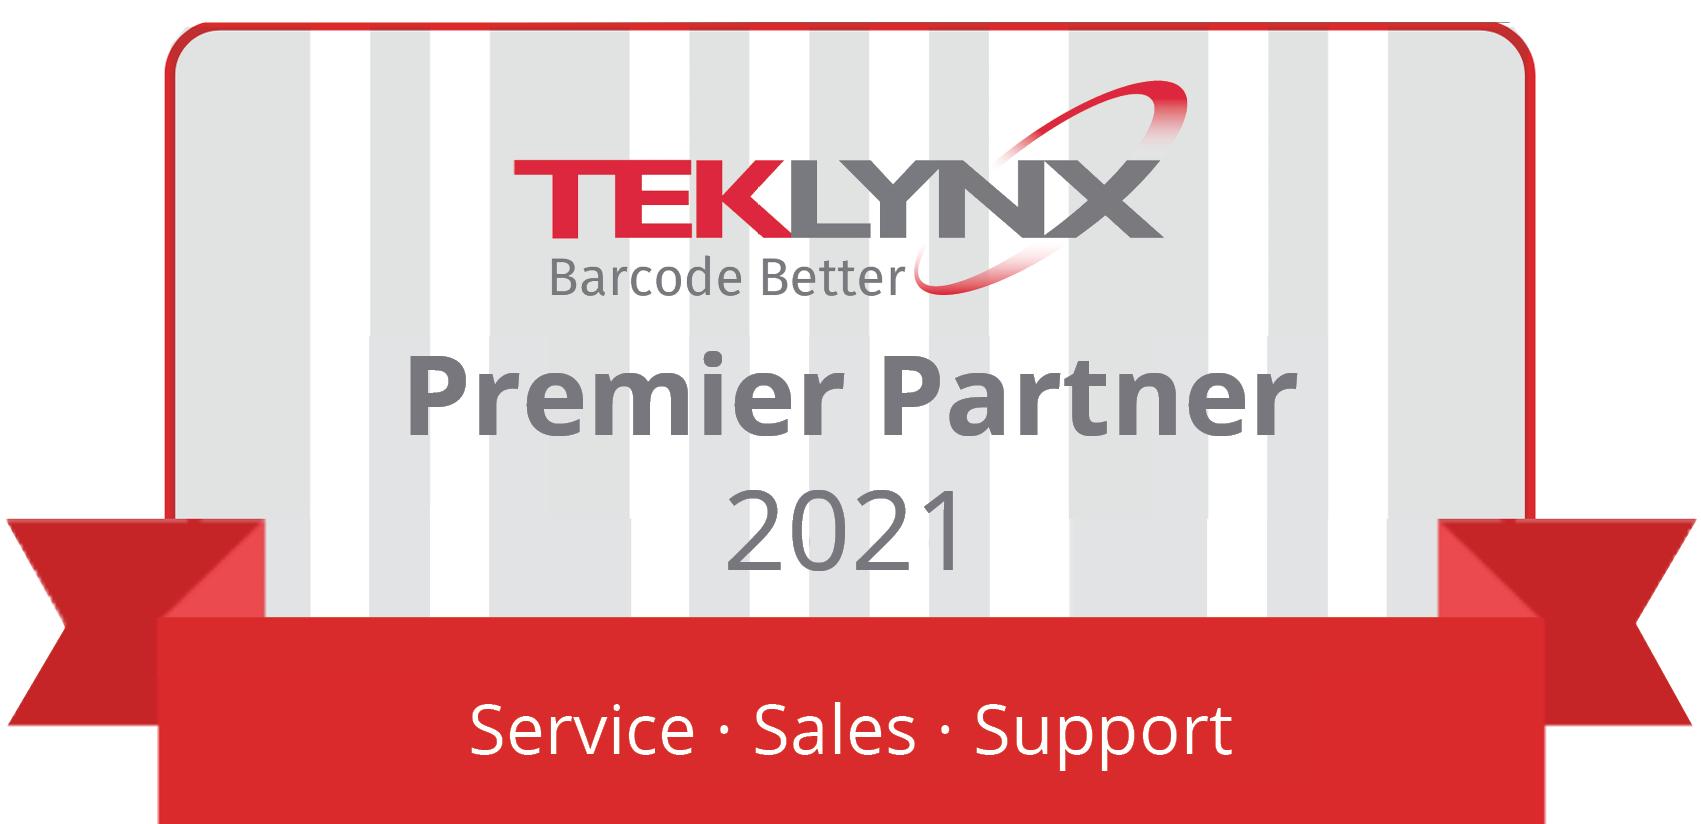 TEKLYNX Premier Partner 2021 Badge